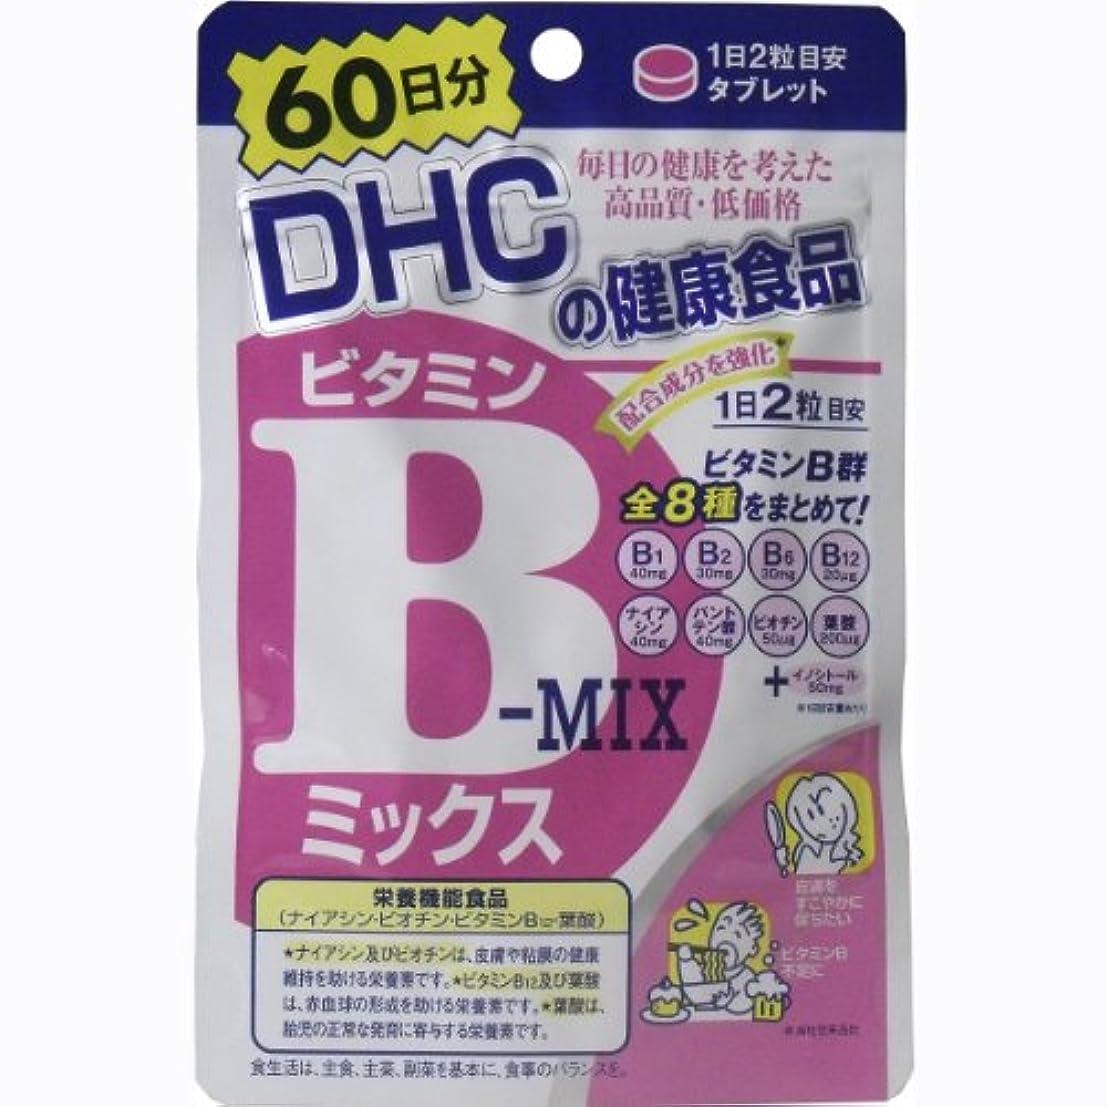 マイナスに同意する損失DHC ビタミンBミックス 120粒 60日分 ×10個セット